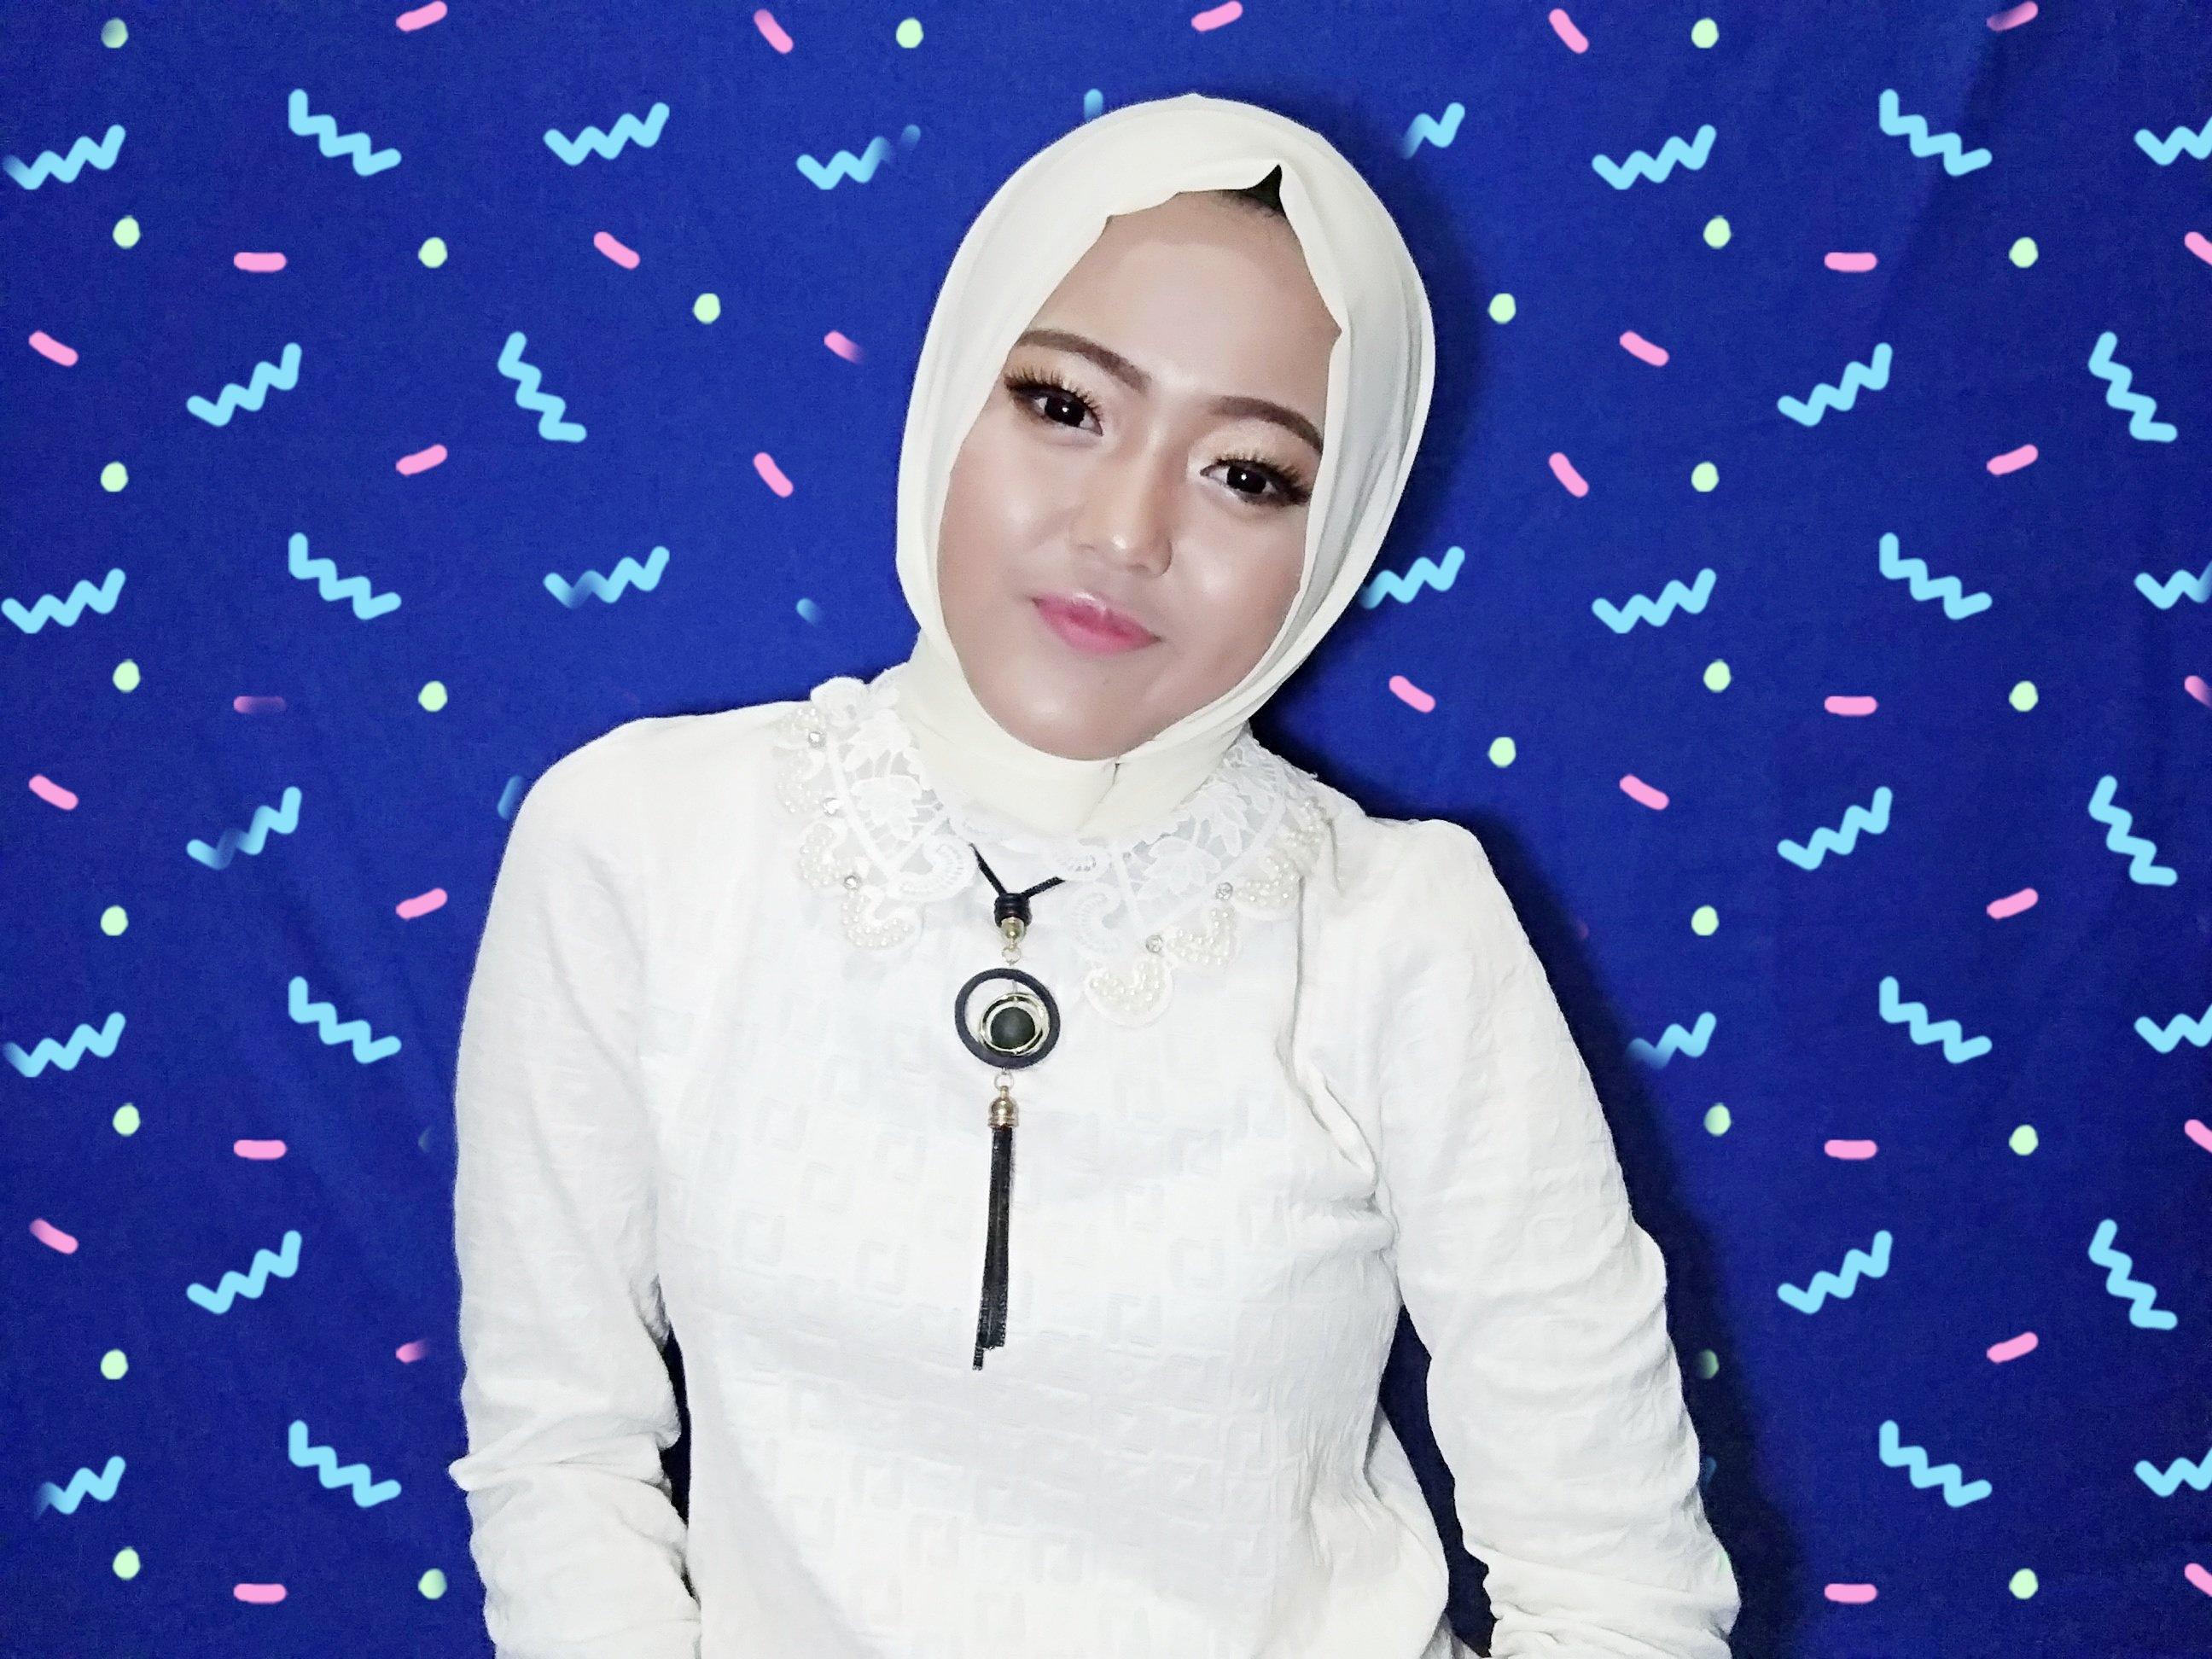 Fajri S